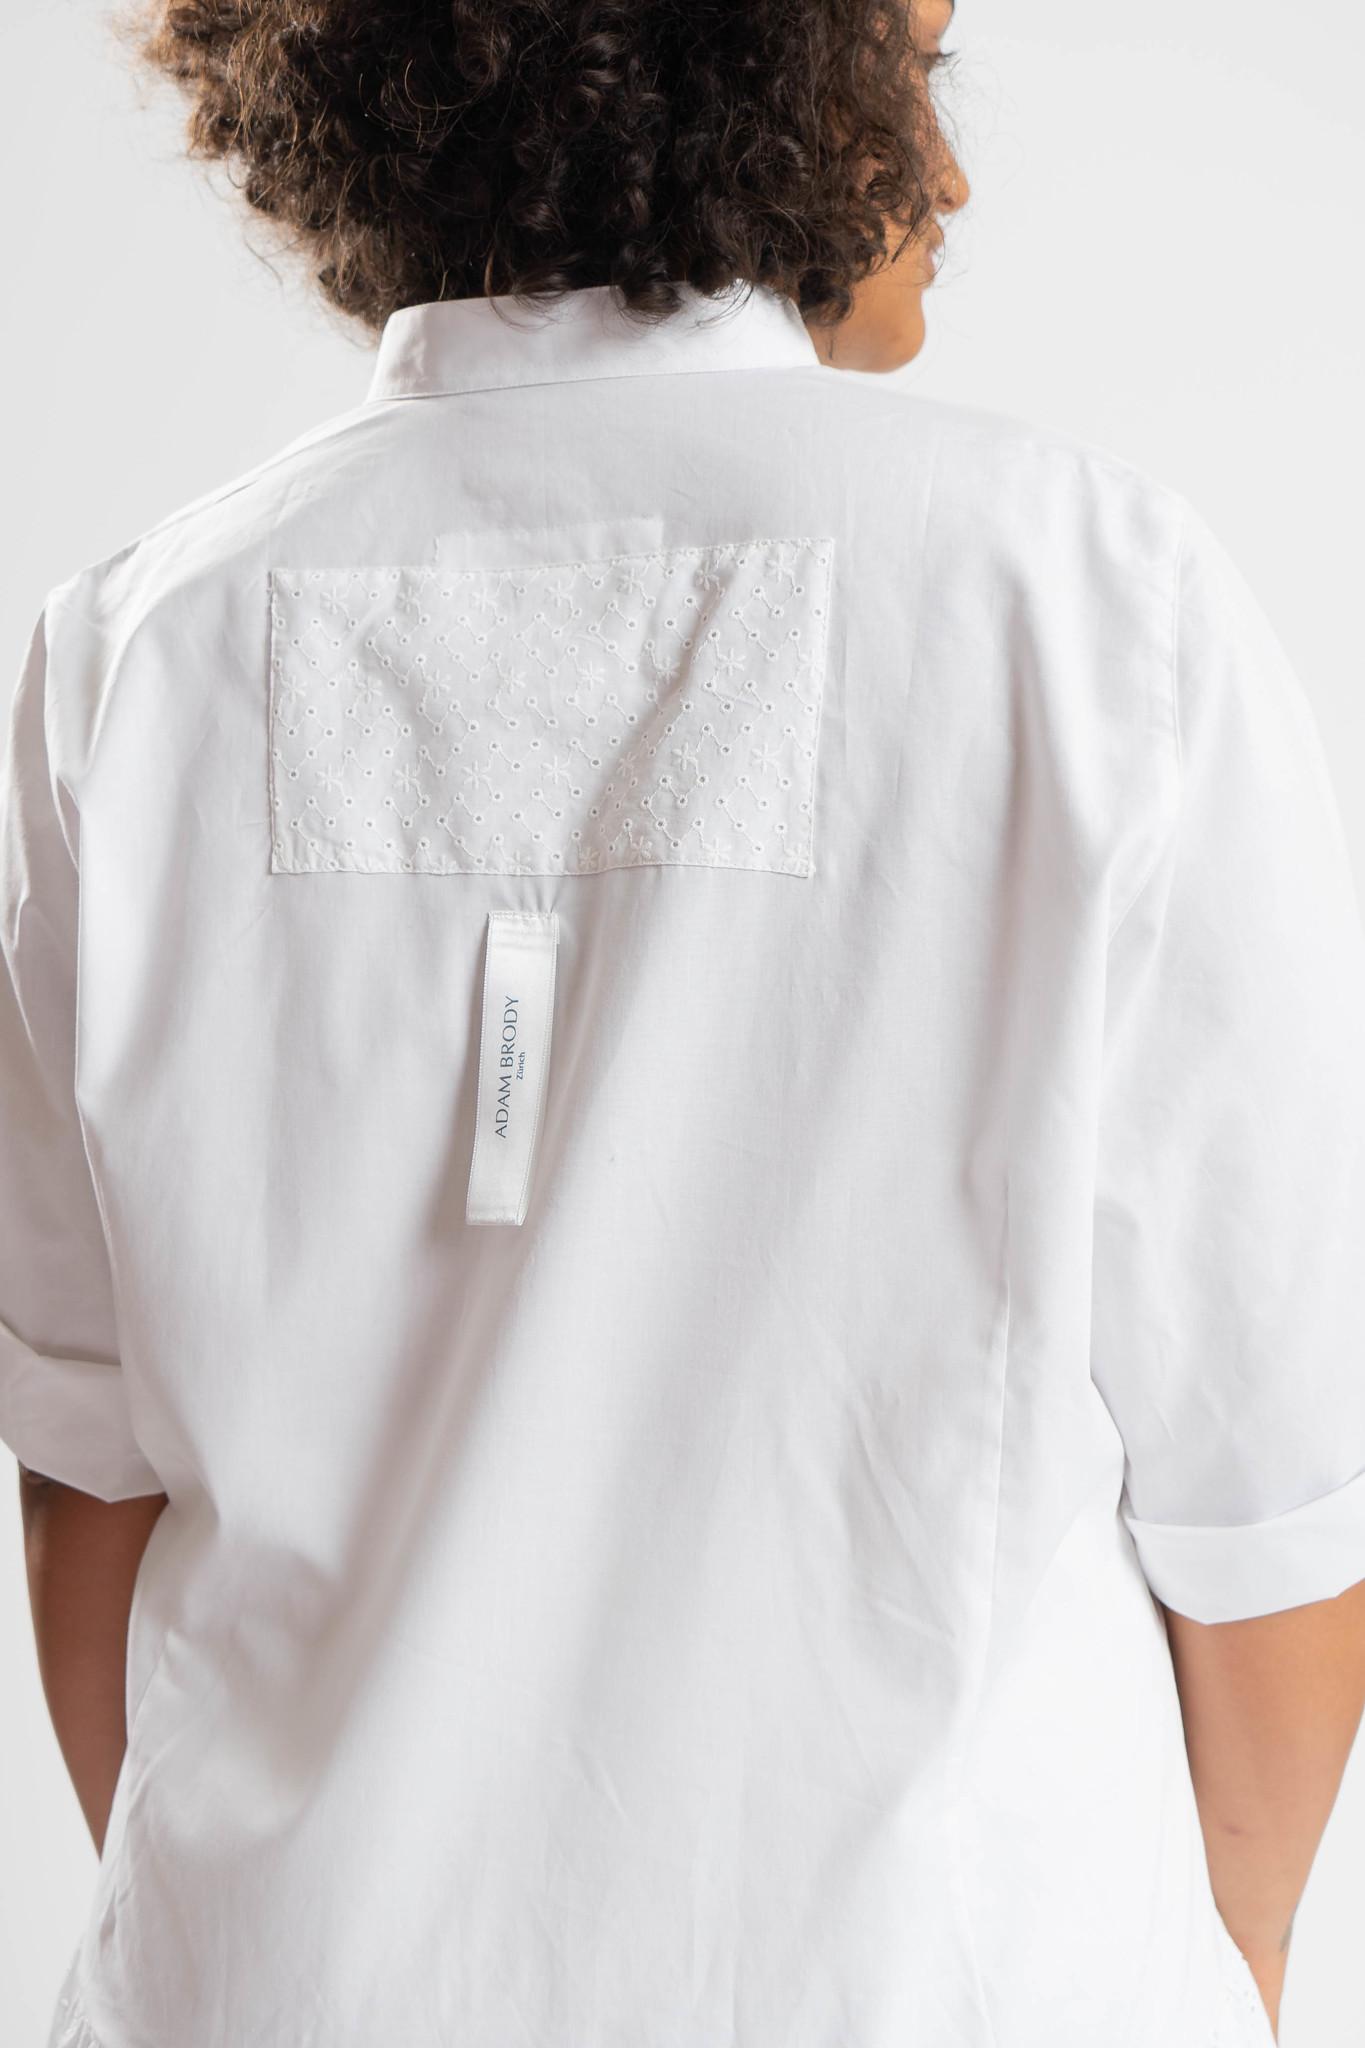 RAIKA Upcycle Kleid aus Baumwolle-4